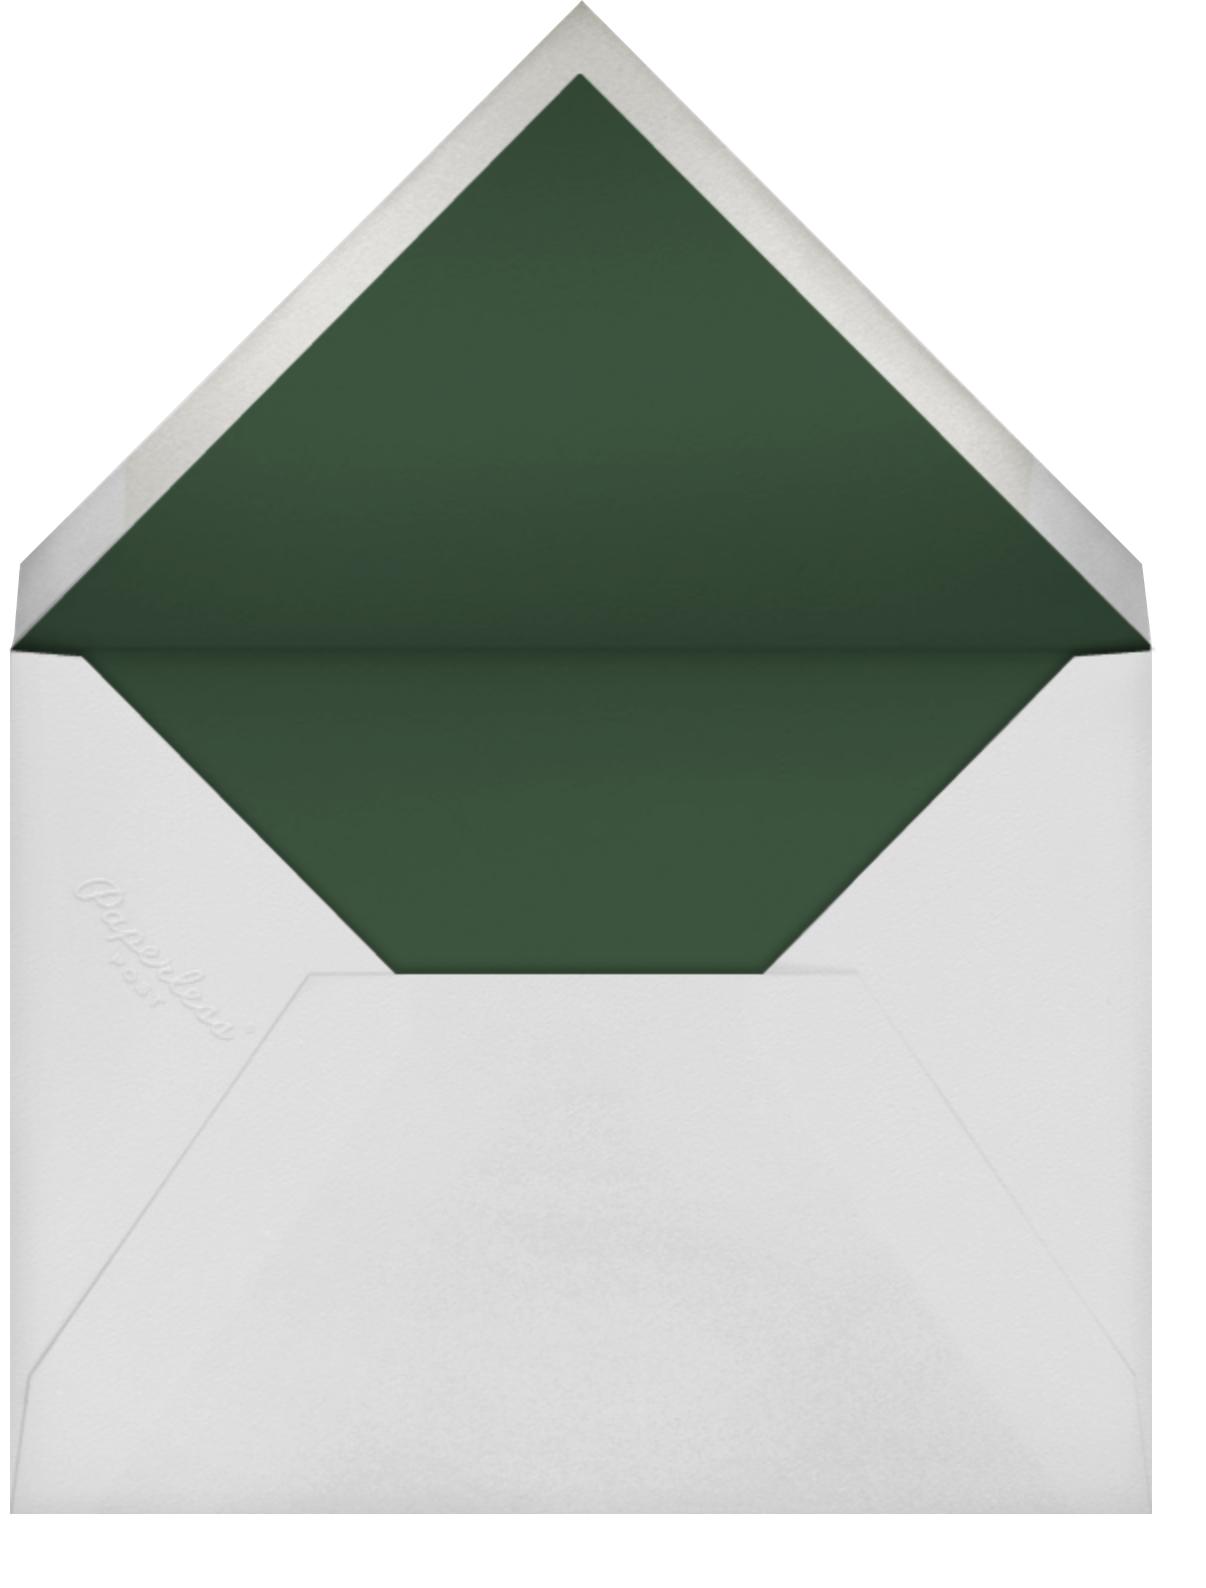 Embroidered Floral - Aquamarine - Oscar de la Renta - Baby shower - envelope back